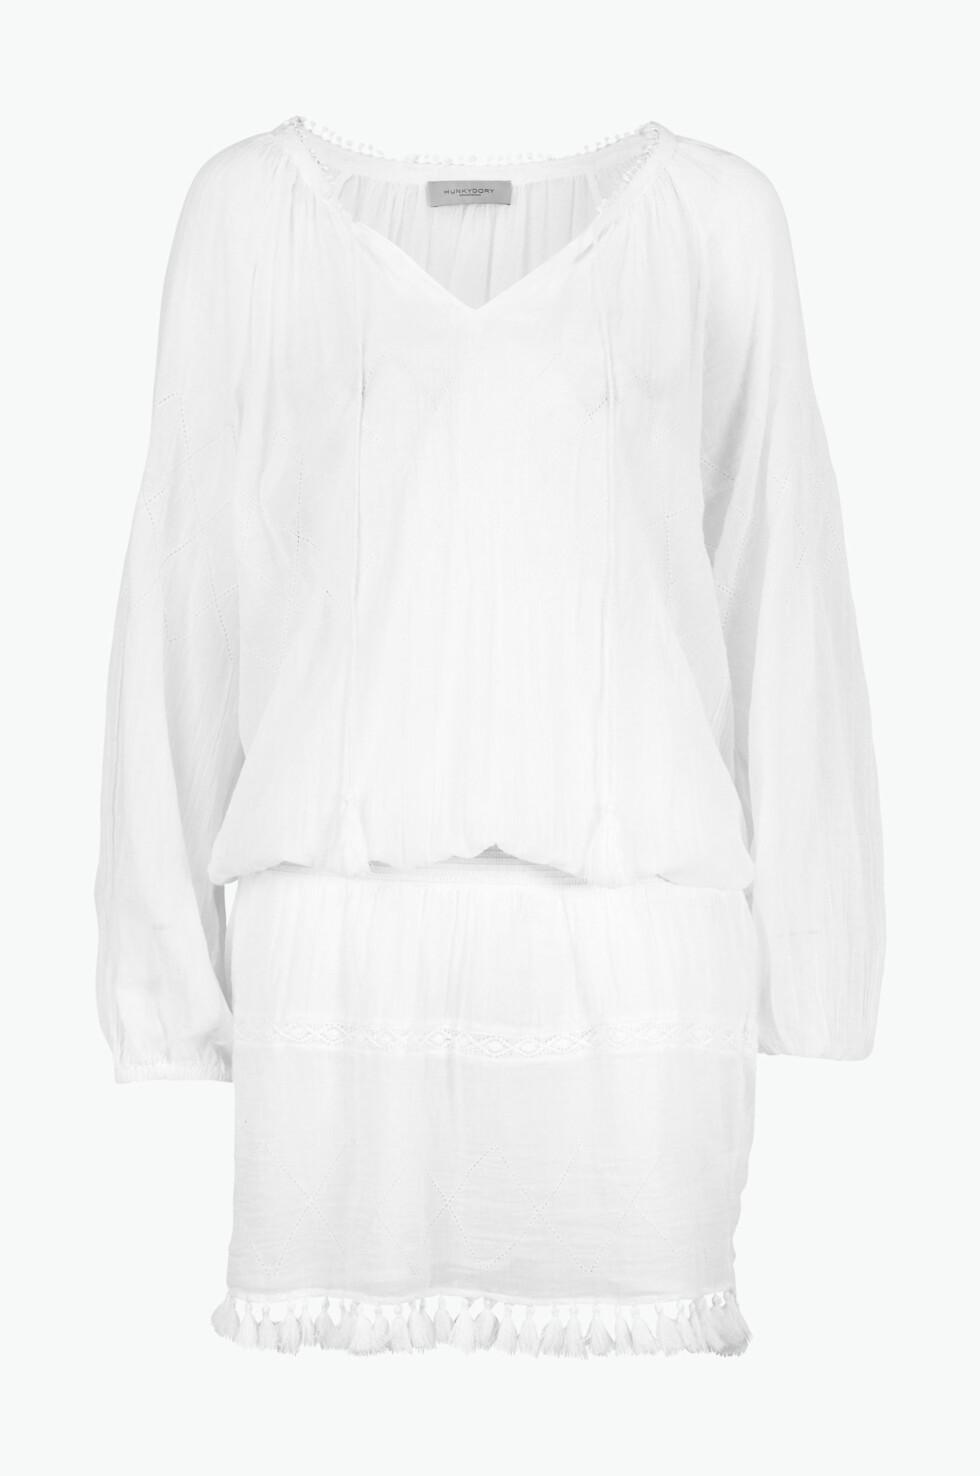 Hvit kjole fra Hunkydory via Ellos.no,   kr 1400   https://track.adtraction.com/t/t?a=1068408670&as=1115634940&t=2&tk=1&url=http://www.ellos.no/hunkydory/kjole-dinuba/526331?N=1z141puZ1z141sgZ1z141ooZ1z141od&Ns=RankValue3 1&Nao=3&selArt=360677&pr=0C1B2S3T